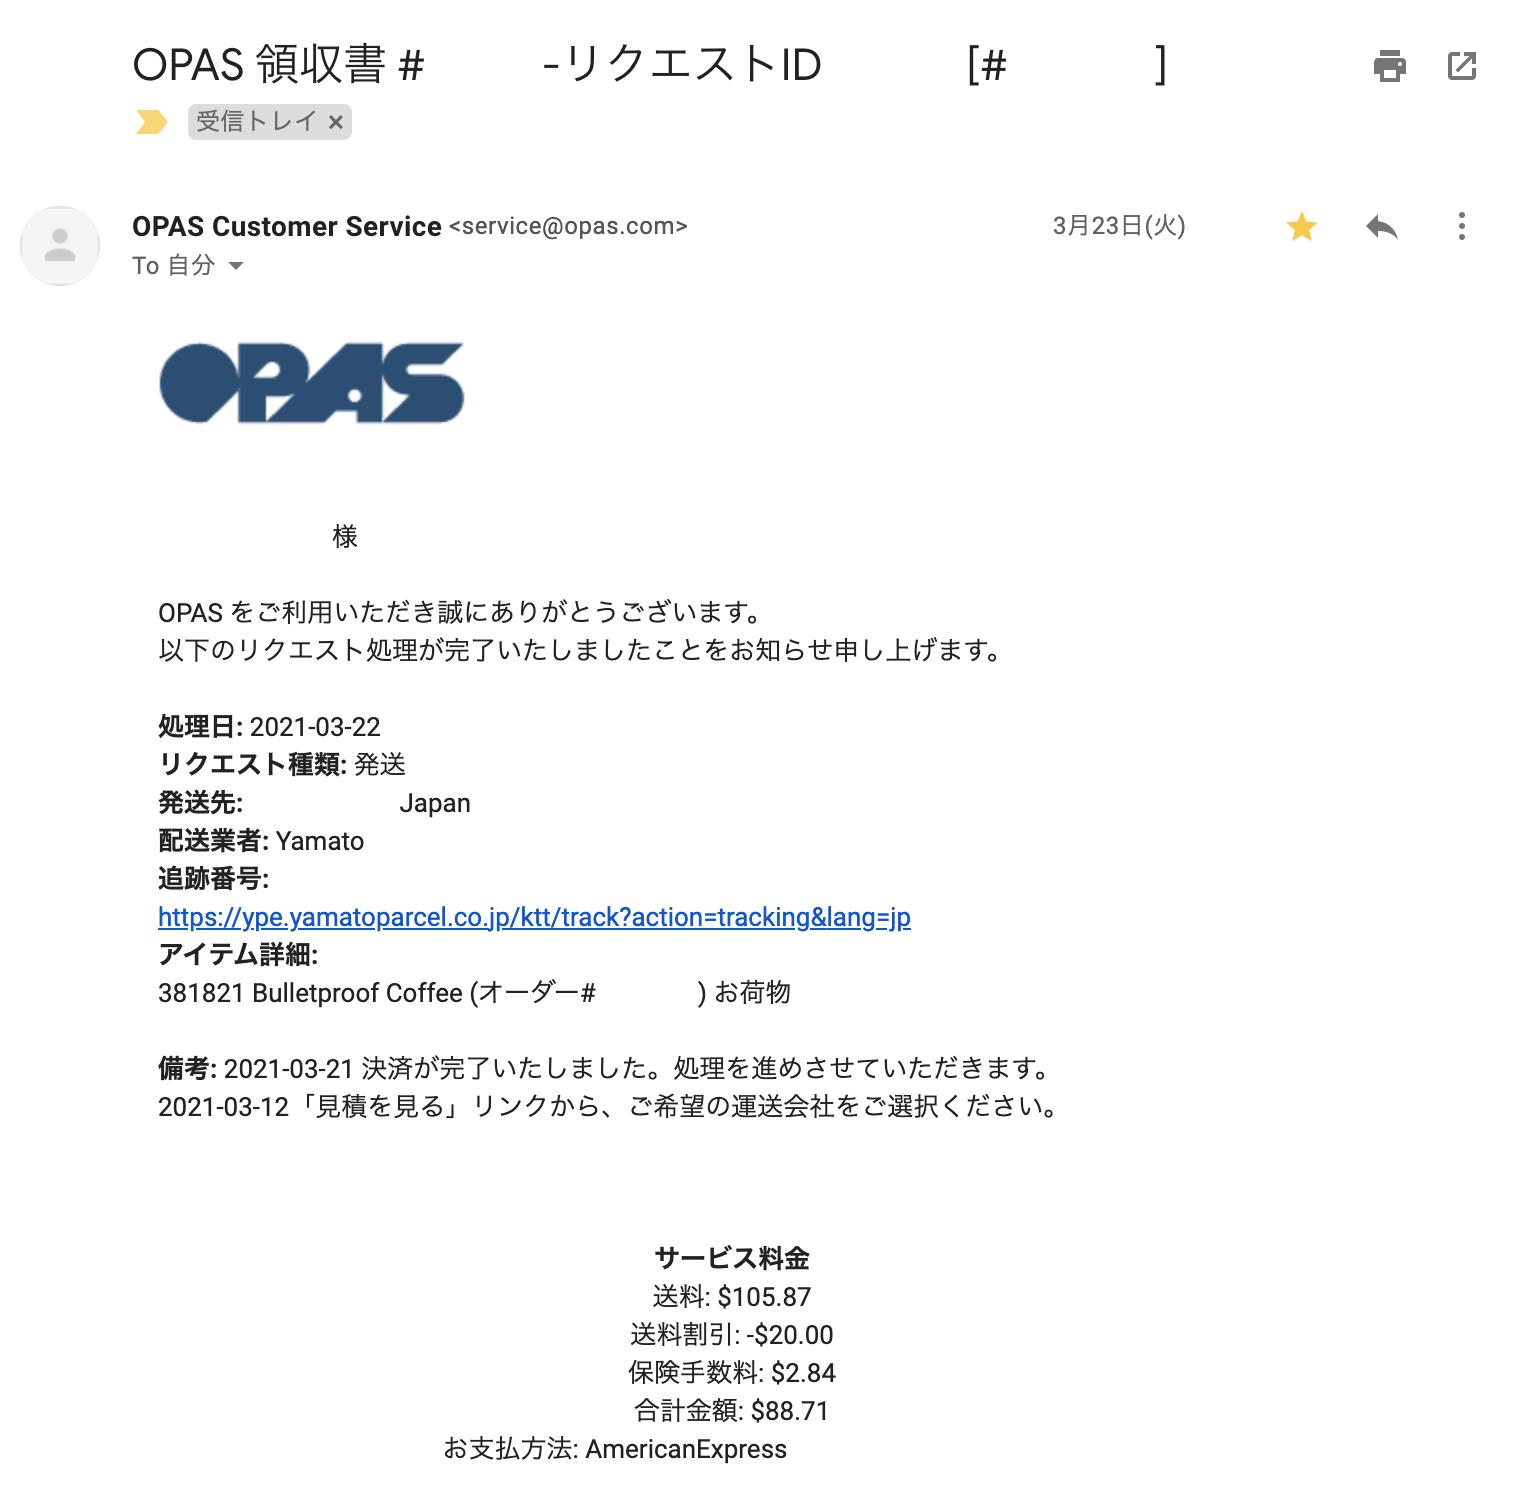 海外転送サービスの「OPAS オパス」使い方を解説 商品受け取り